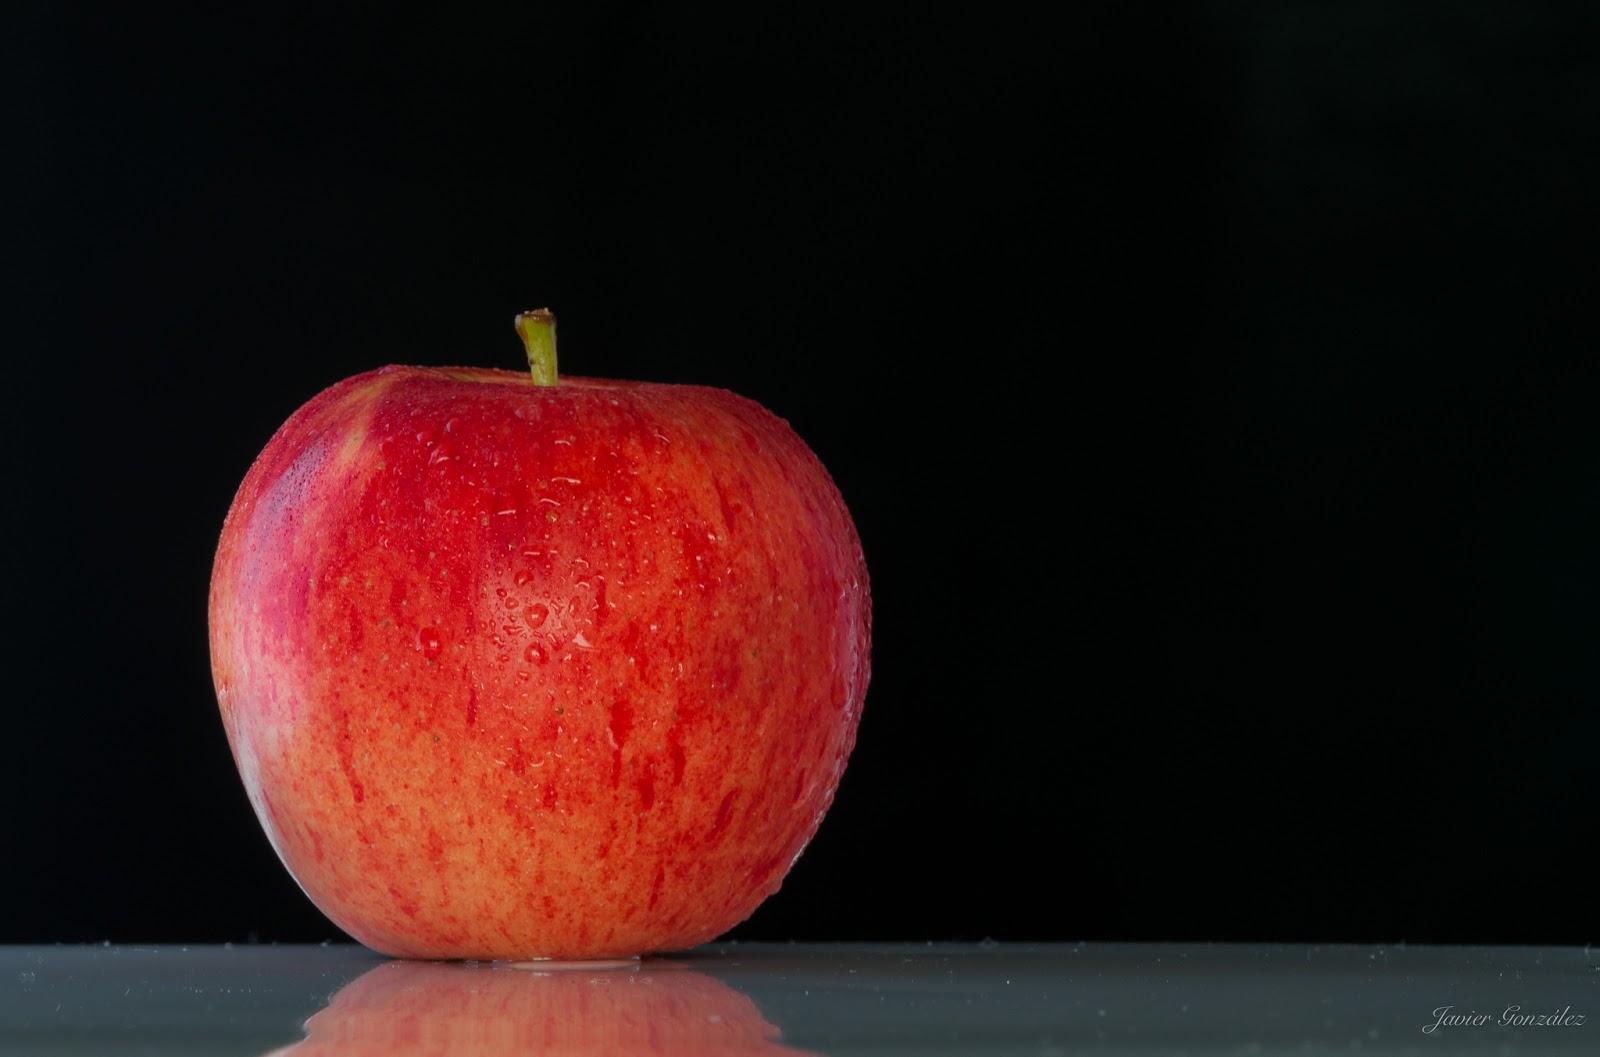 Planeta Agronómico: El apple de la agricultura - Descúbrelo - photo#37